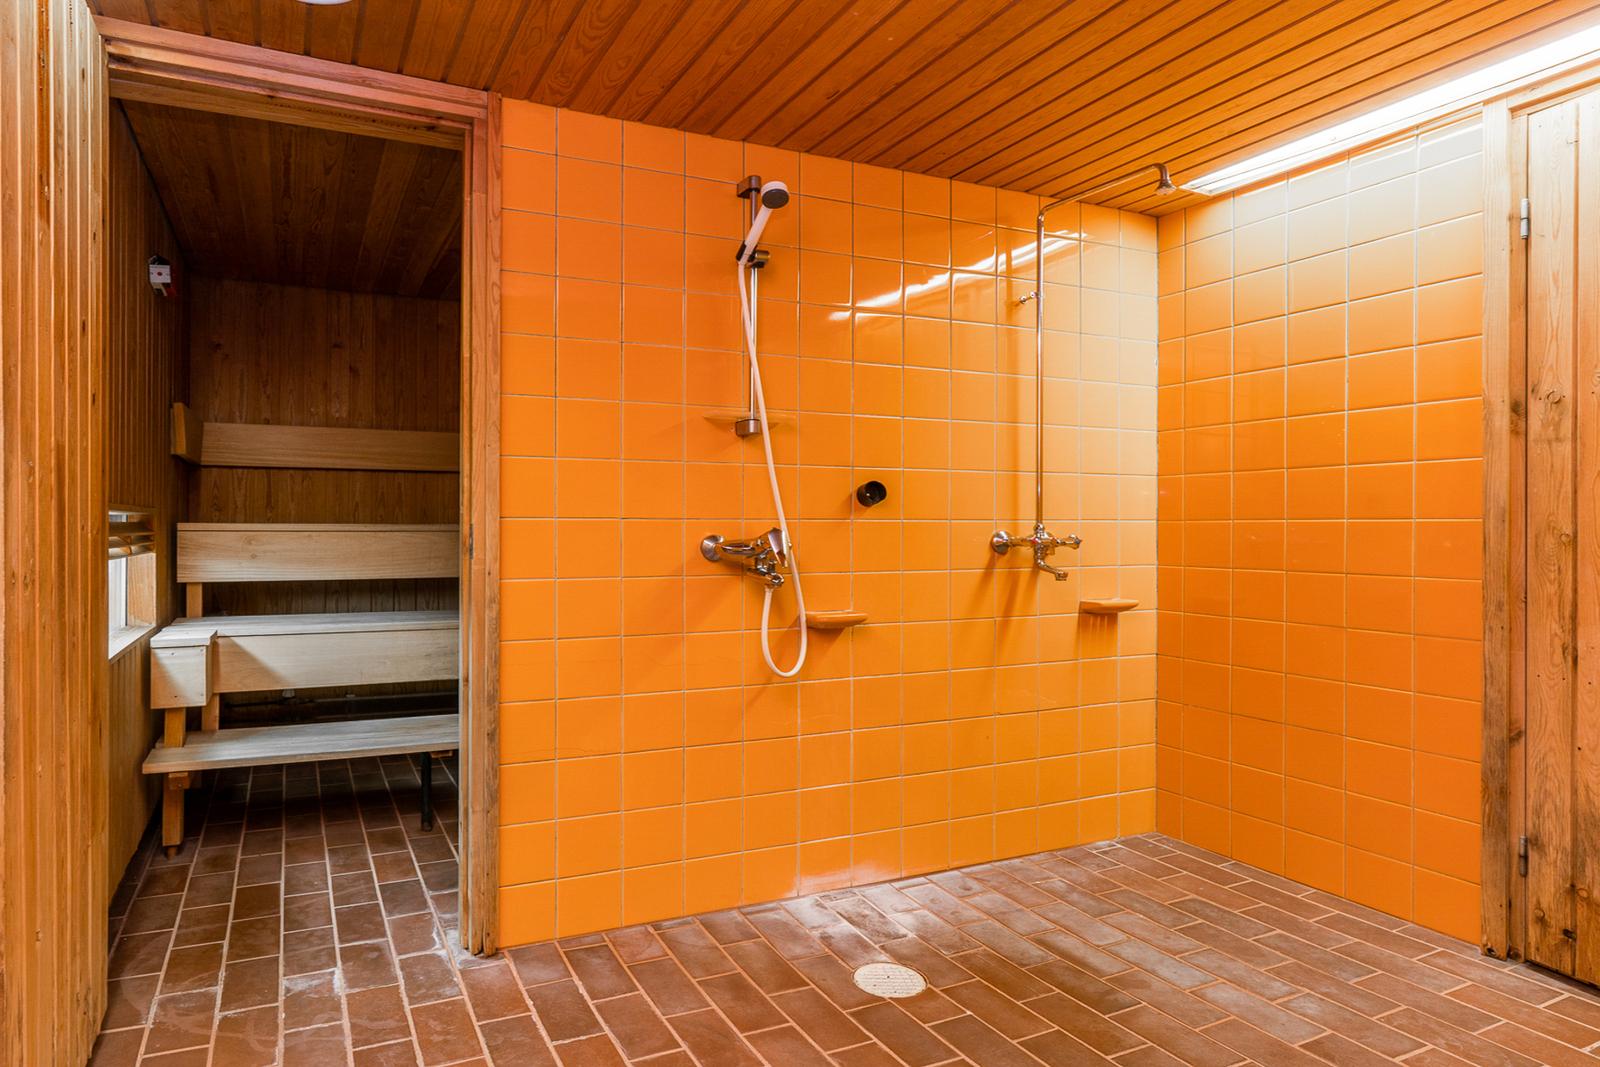 Saunan yhteydessä on tilava suihkuhuone ja erillis-wc title=